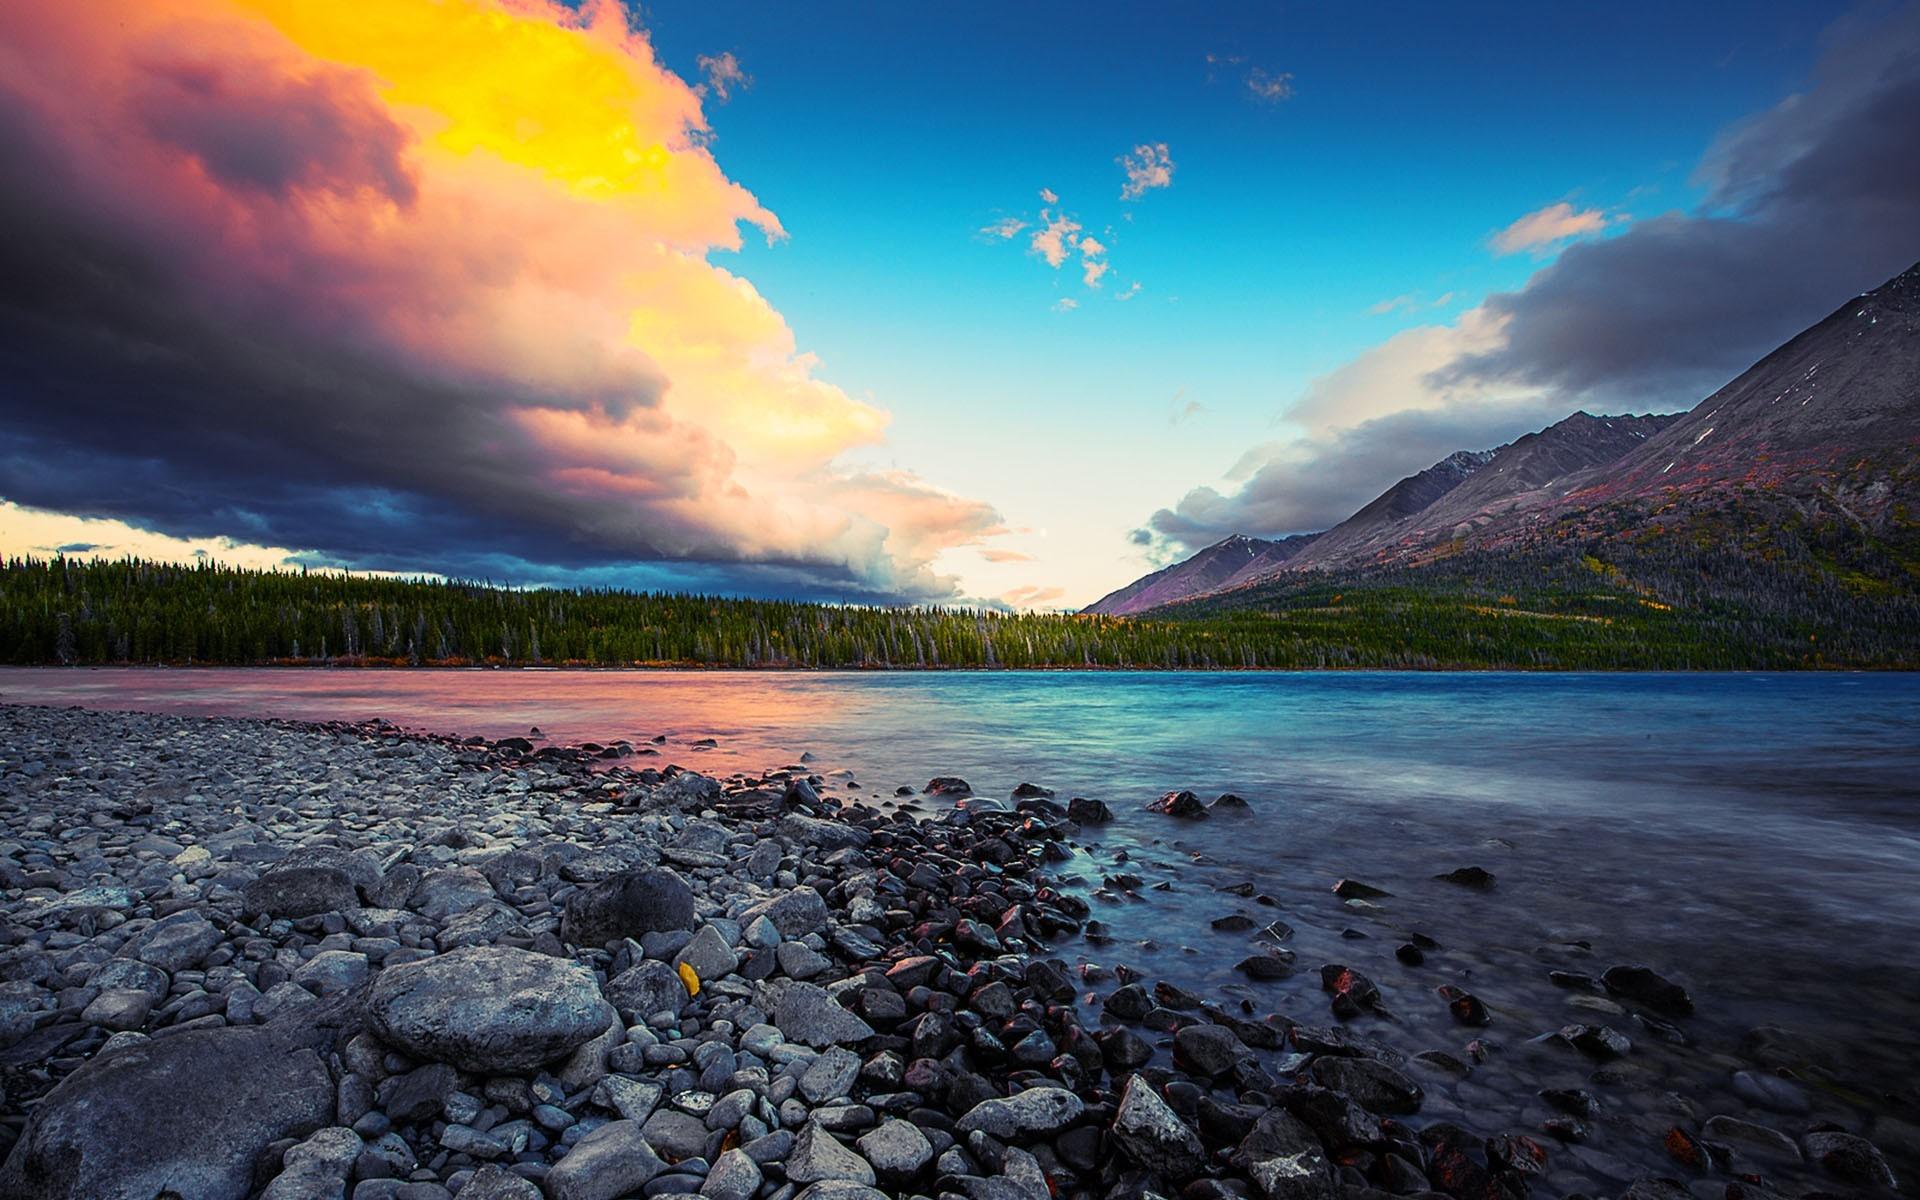 Горы, небо, лес, облака, камни  № 3240746 без смс